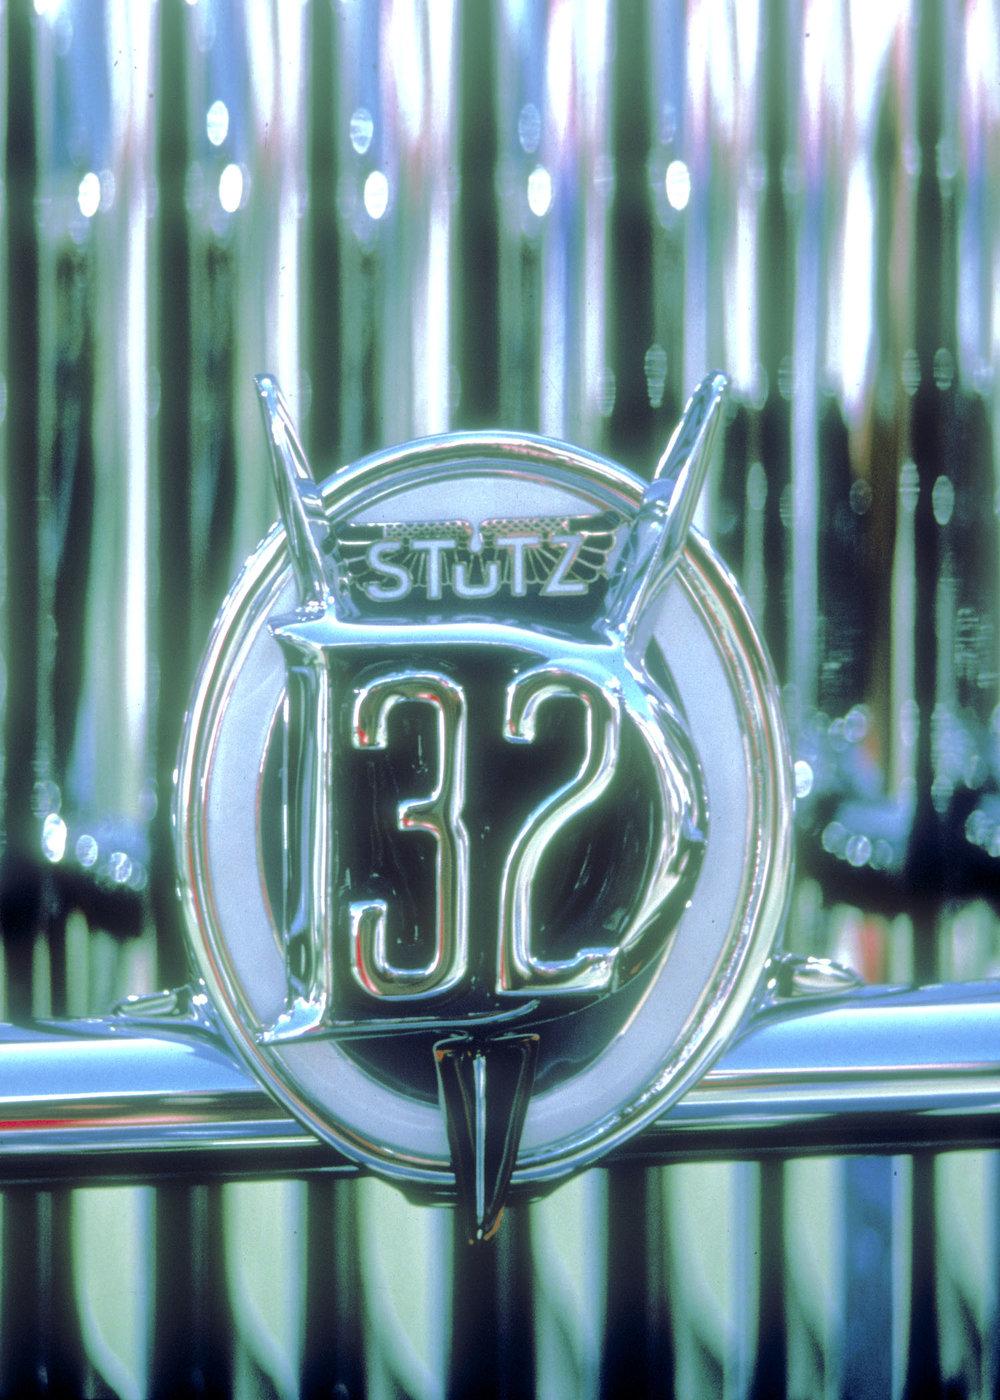 ss-cars-stutz_badge.jpg